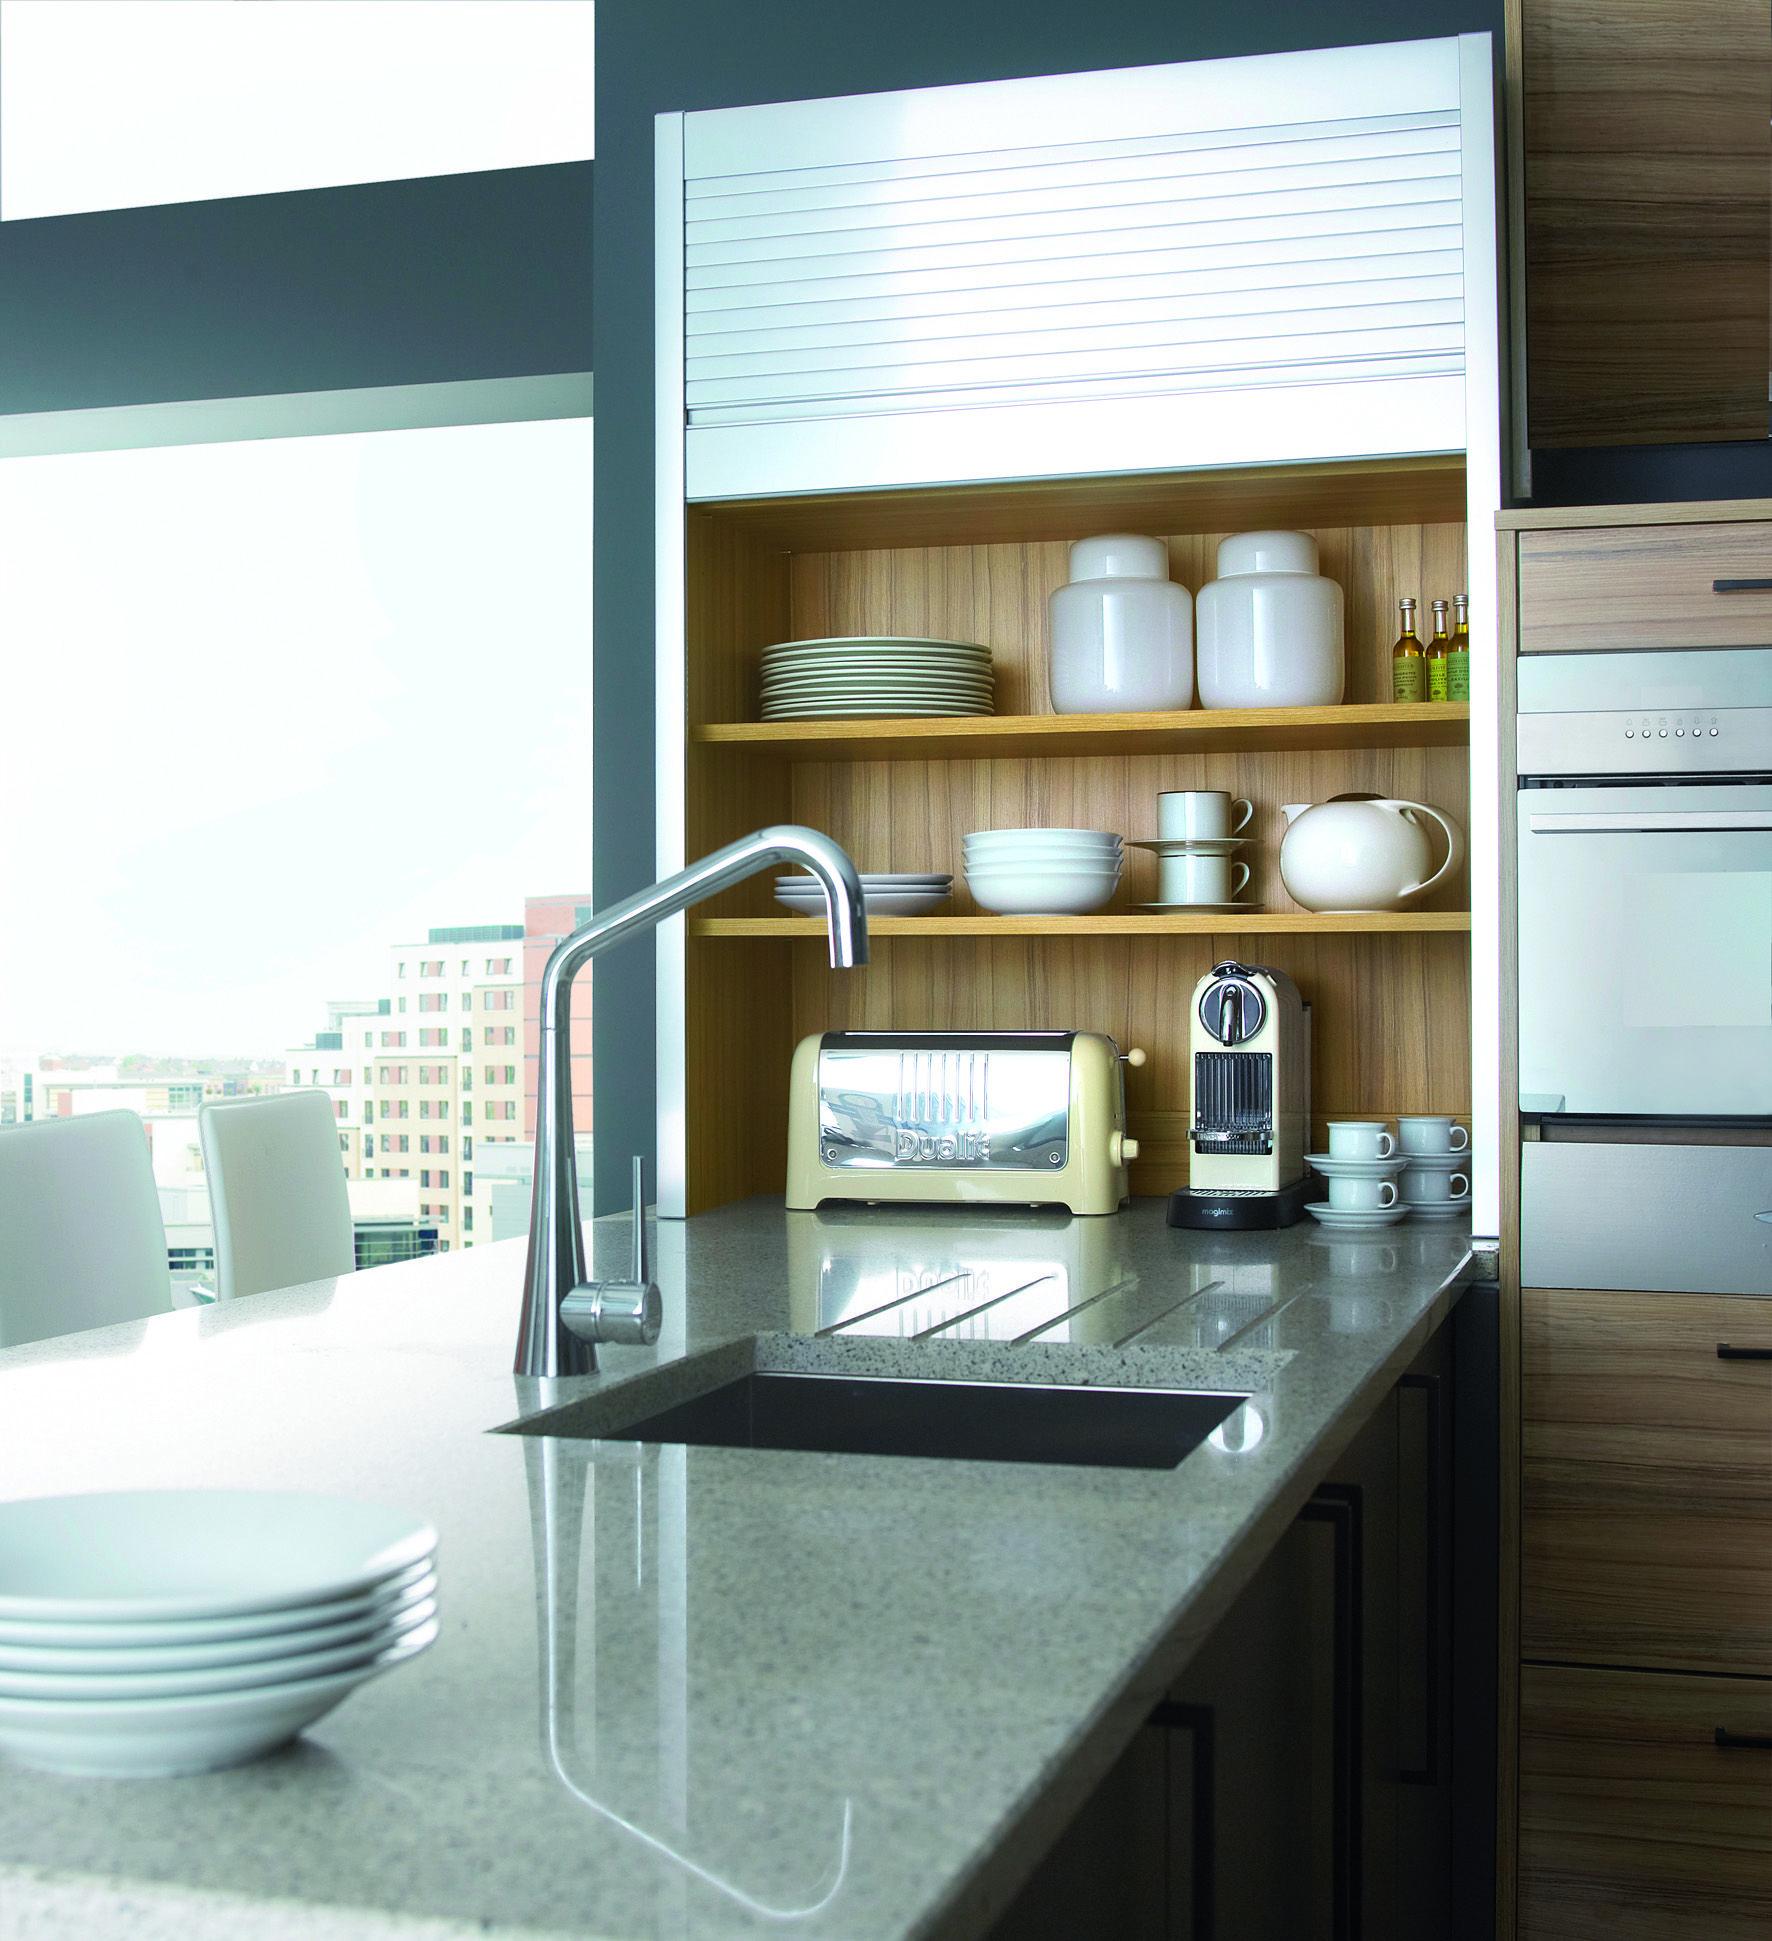 Timber veneer kitchen tambour doors tambortech - Stainless Steel Tambour Unit